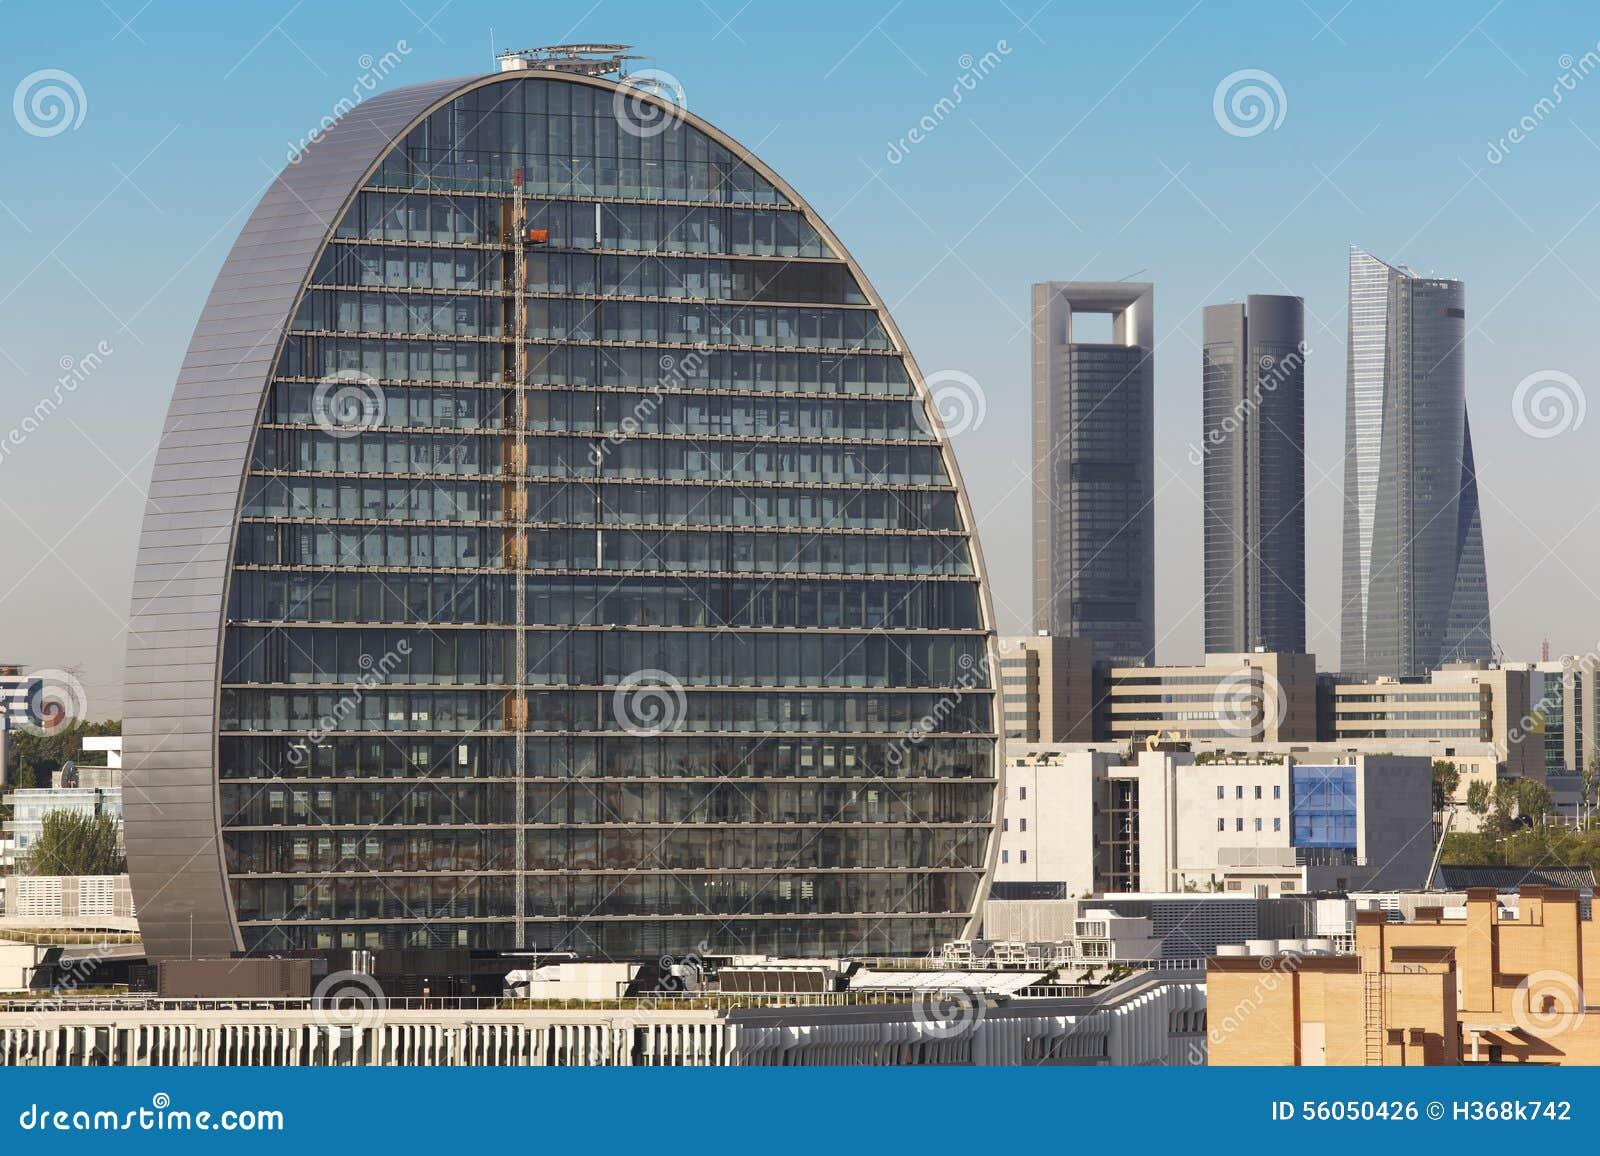 horizonte de madrid con cuatro torres y edificios bajo construccin foto de archivo